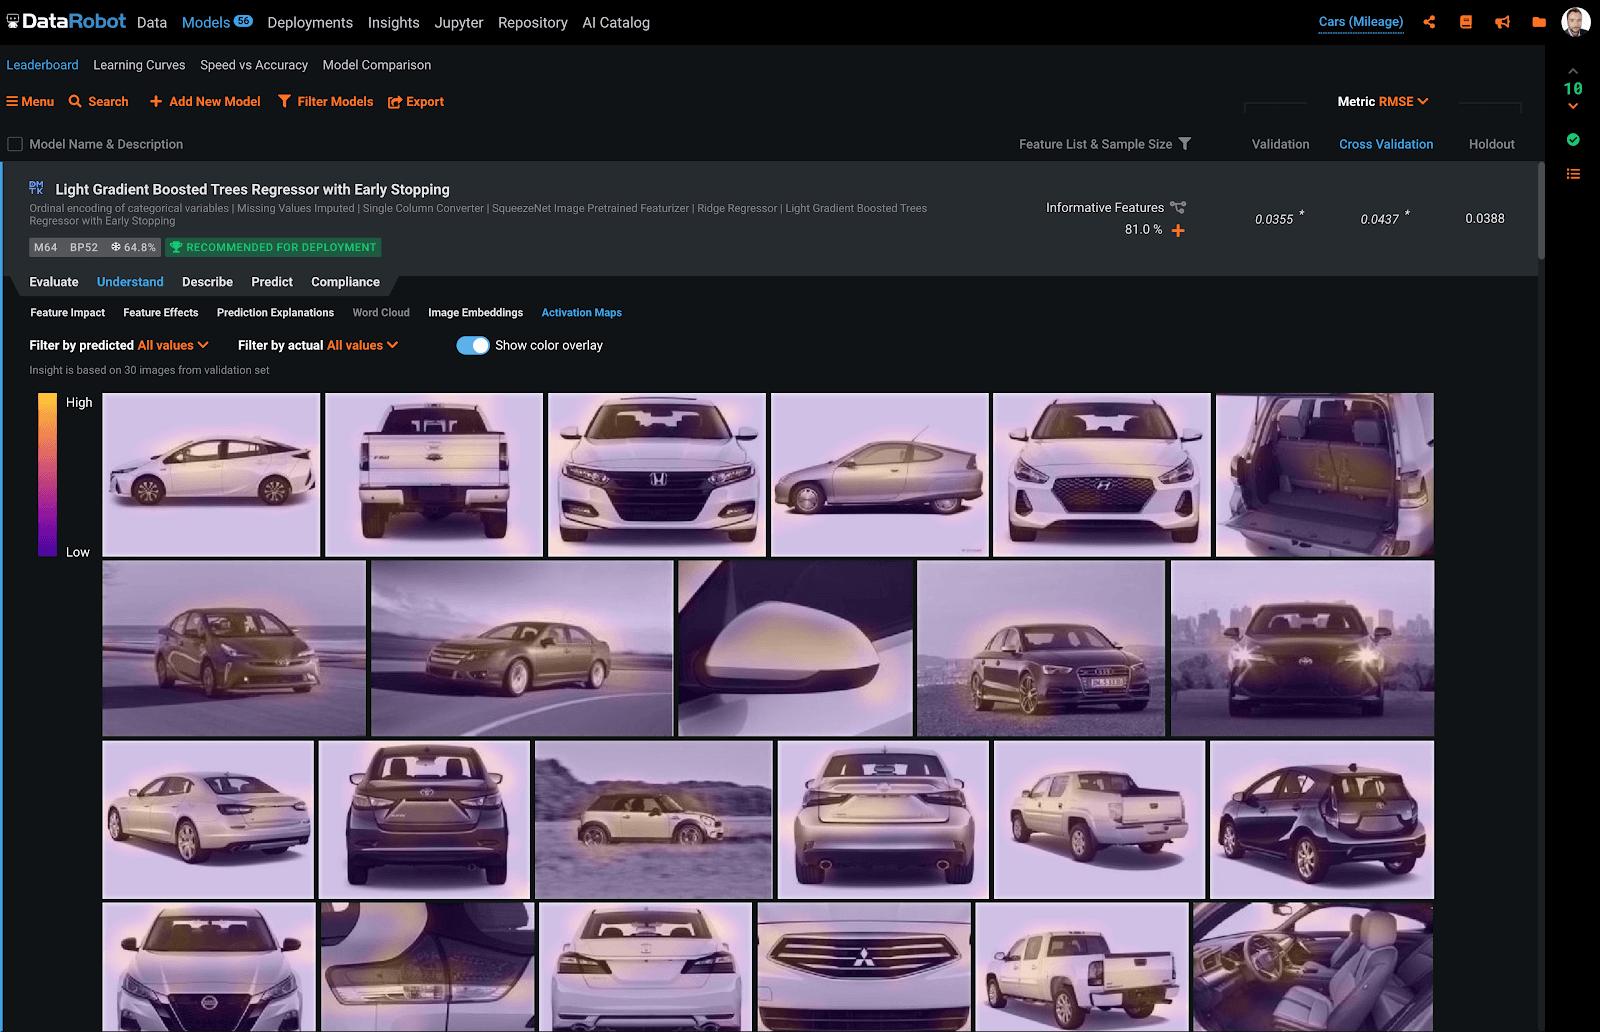 DataRobot Visual AI interface